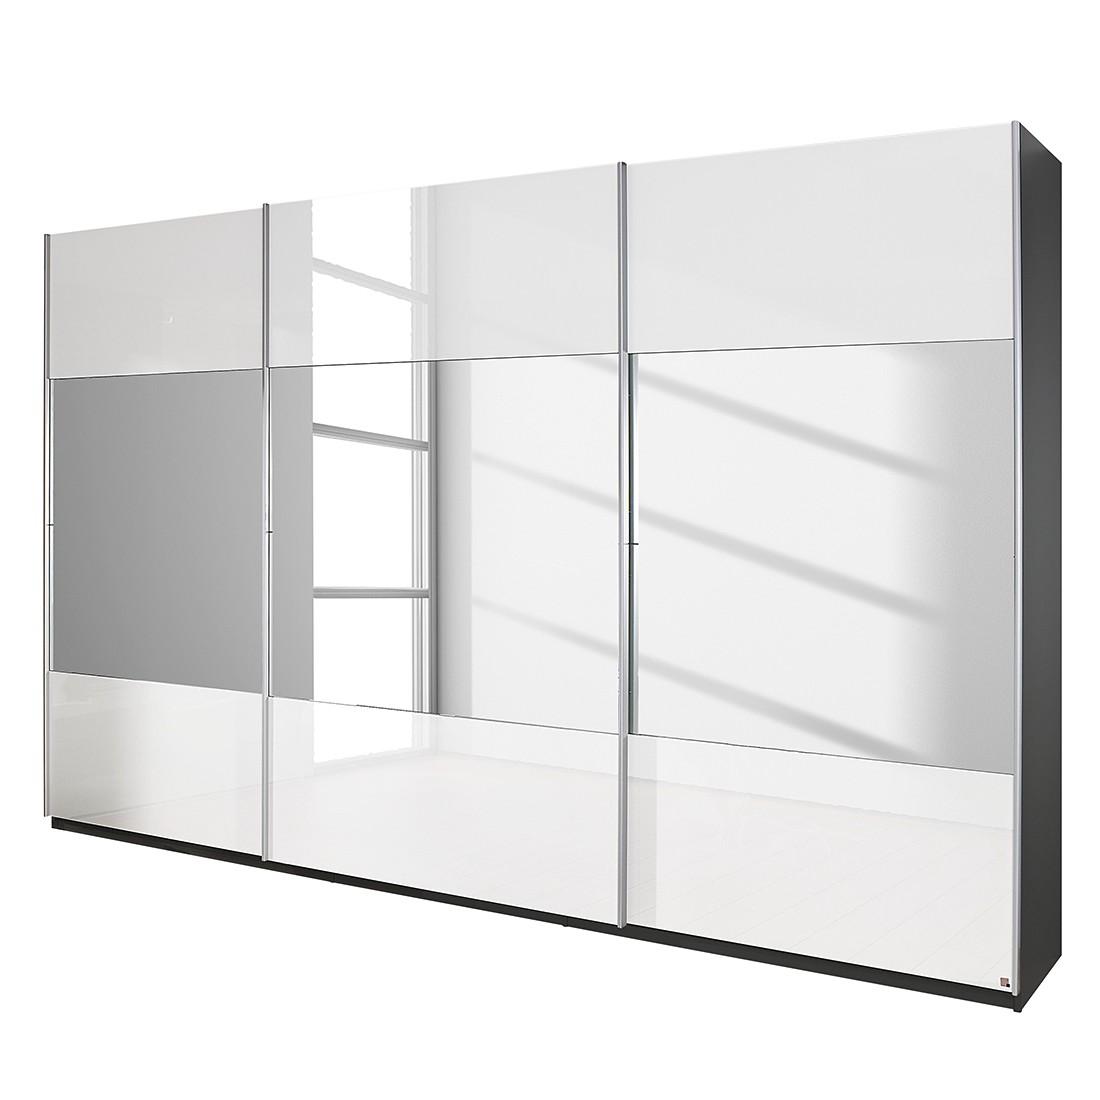 goedkoop Schuifdeurkast Beluga hoogglans wit verspiegeld grafietkleurig 360cm 3 deurs 236cm Rauch Select